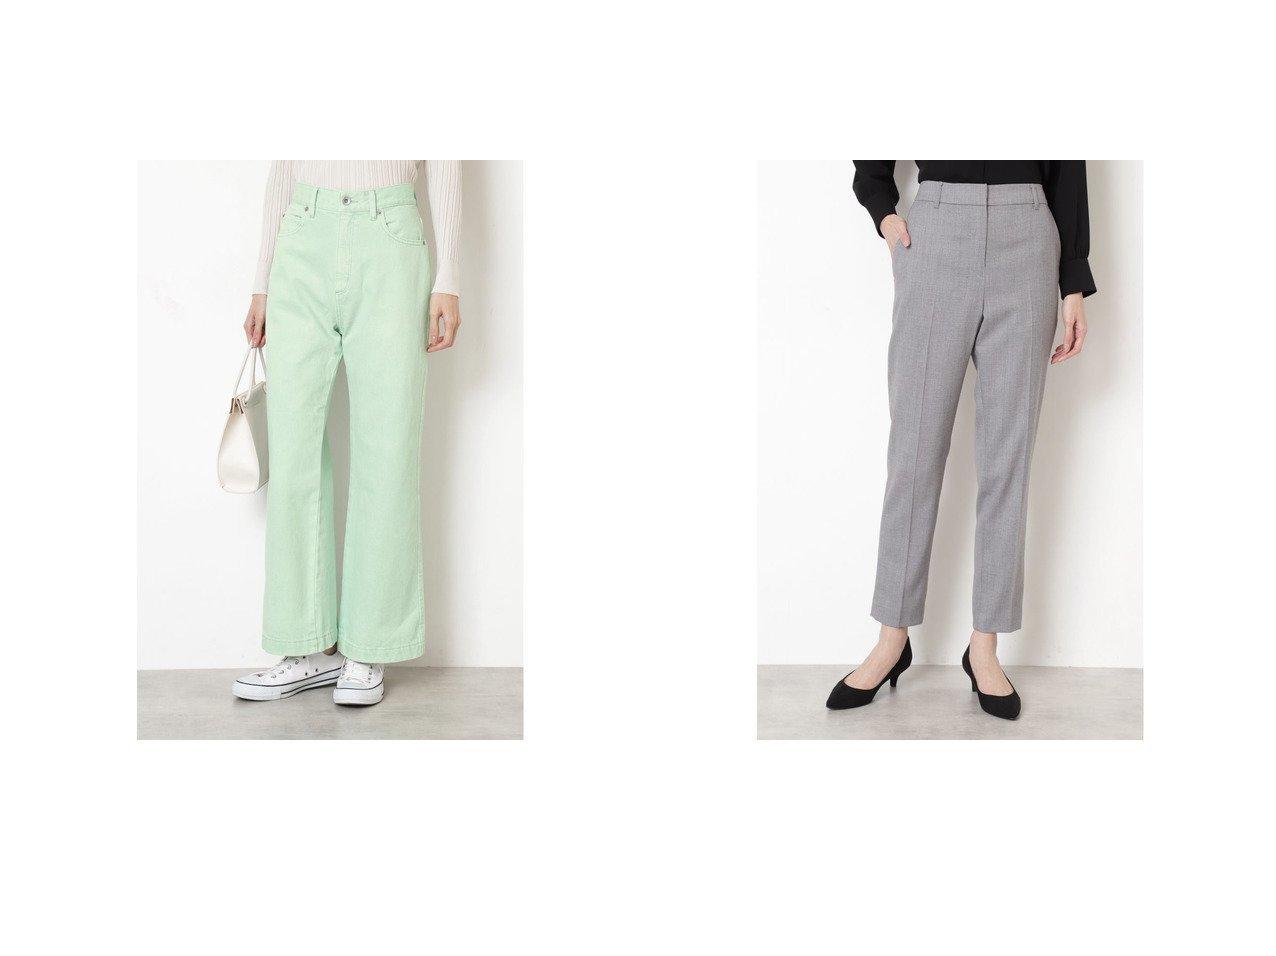 【NATURAL BEAUTY BASIC/ナチュラル ビューティー ベーシック】のデニムパンツ&フローラツイル セットアップ パンツ パンツのおすすめ!人気、トレンド・レディースファッションの通販 おすすめで人気の流行・トレンド、ファッションの通販商品 メンズファッション・キッズファッション・インテリア・家具・レディースファッション・服の通販 founy(ファニー) https://founy.com/ ファッション Fashion レディースファッション WOMEN パンツ Pants デニムパンツ Denim Pants セットアップ Setup パンツ Pants 2021年 2021 2021 春夏 S/S SS Spring/Summer 2021 S/S 春夏 SS Spring/Summer インディゴ カットソー チュニック デニム ワイド 春 Spring シンプル ジャケット ストレッチ セットアップ メランジ |ID:crp329100000016280